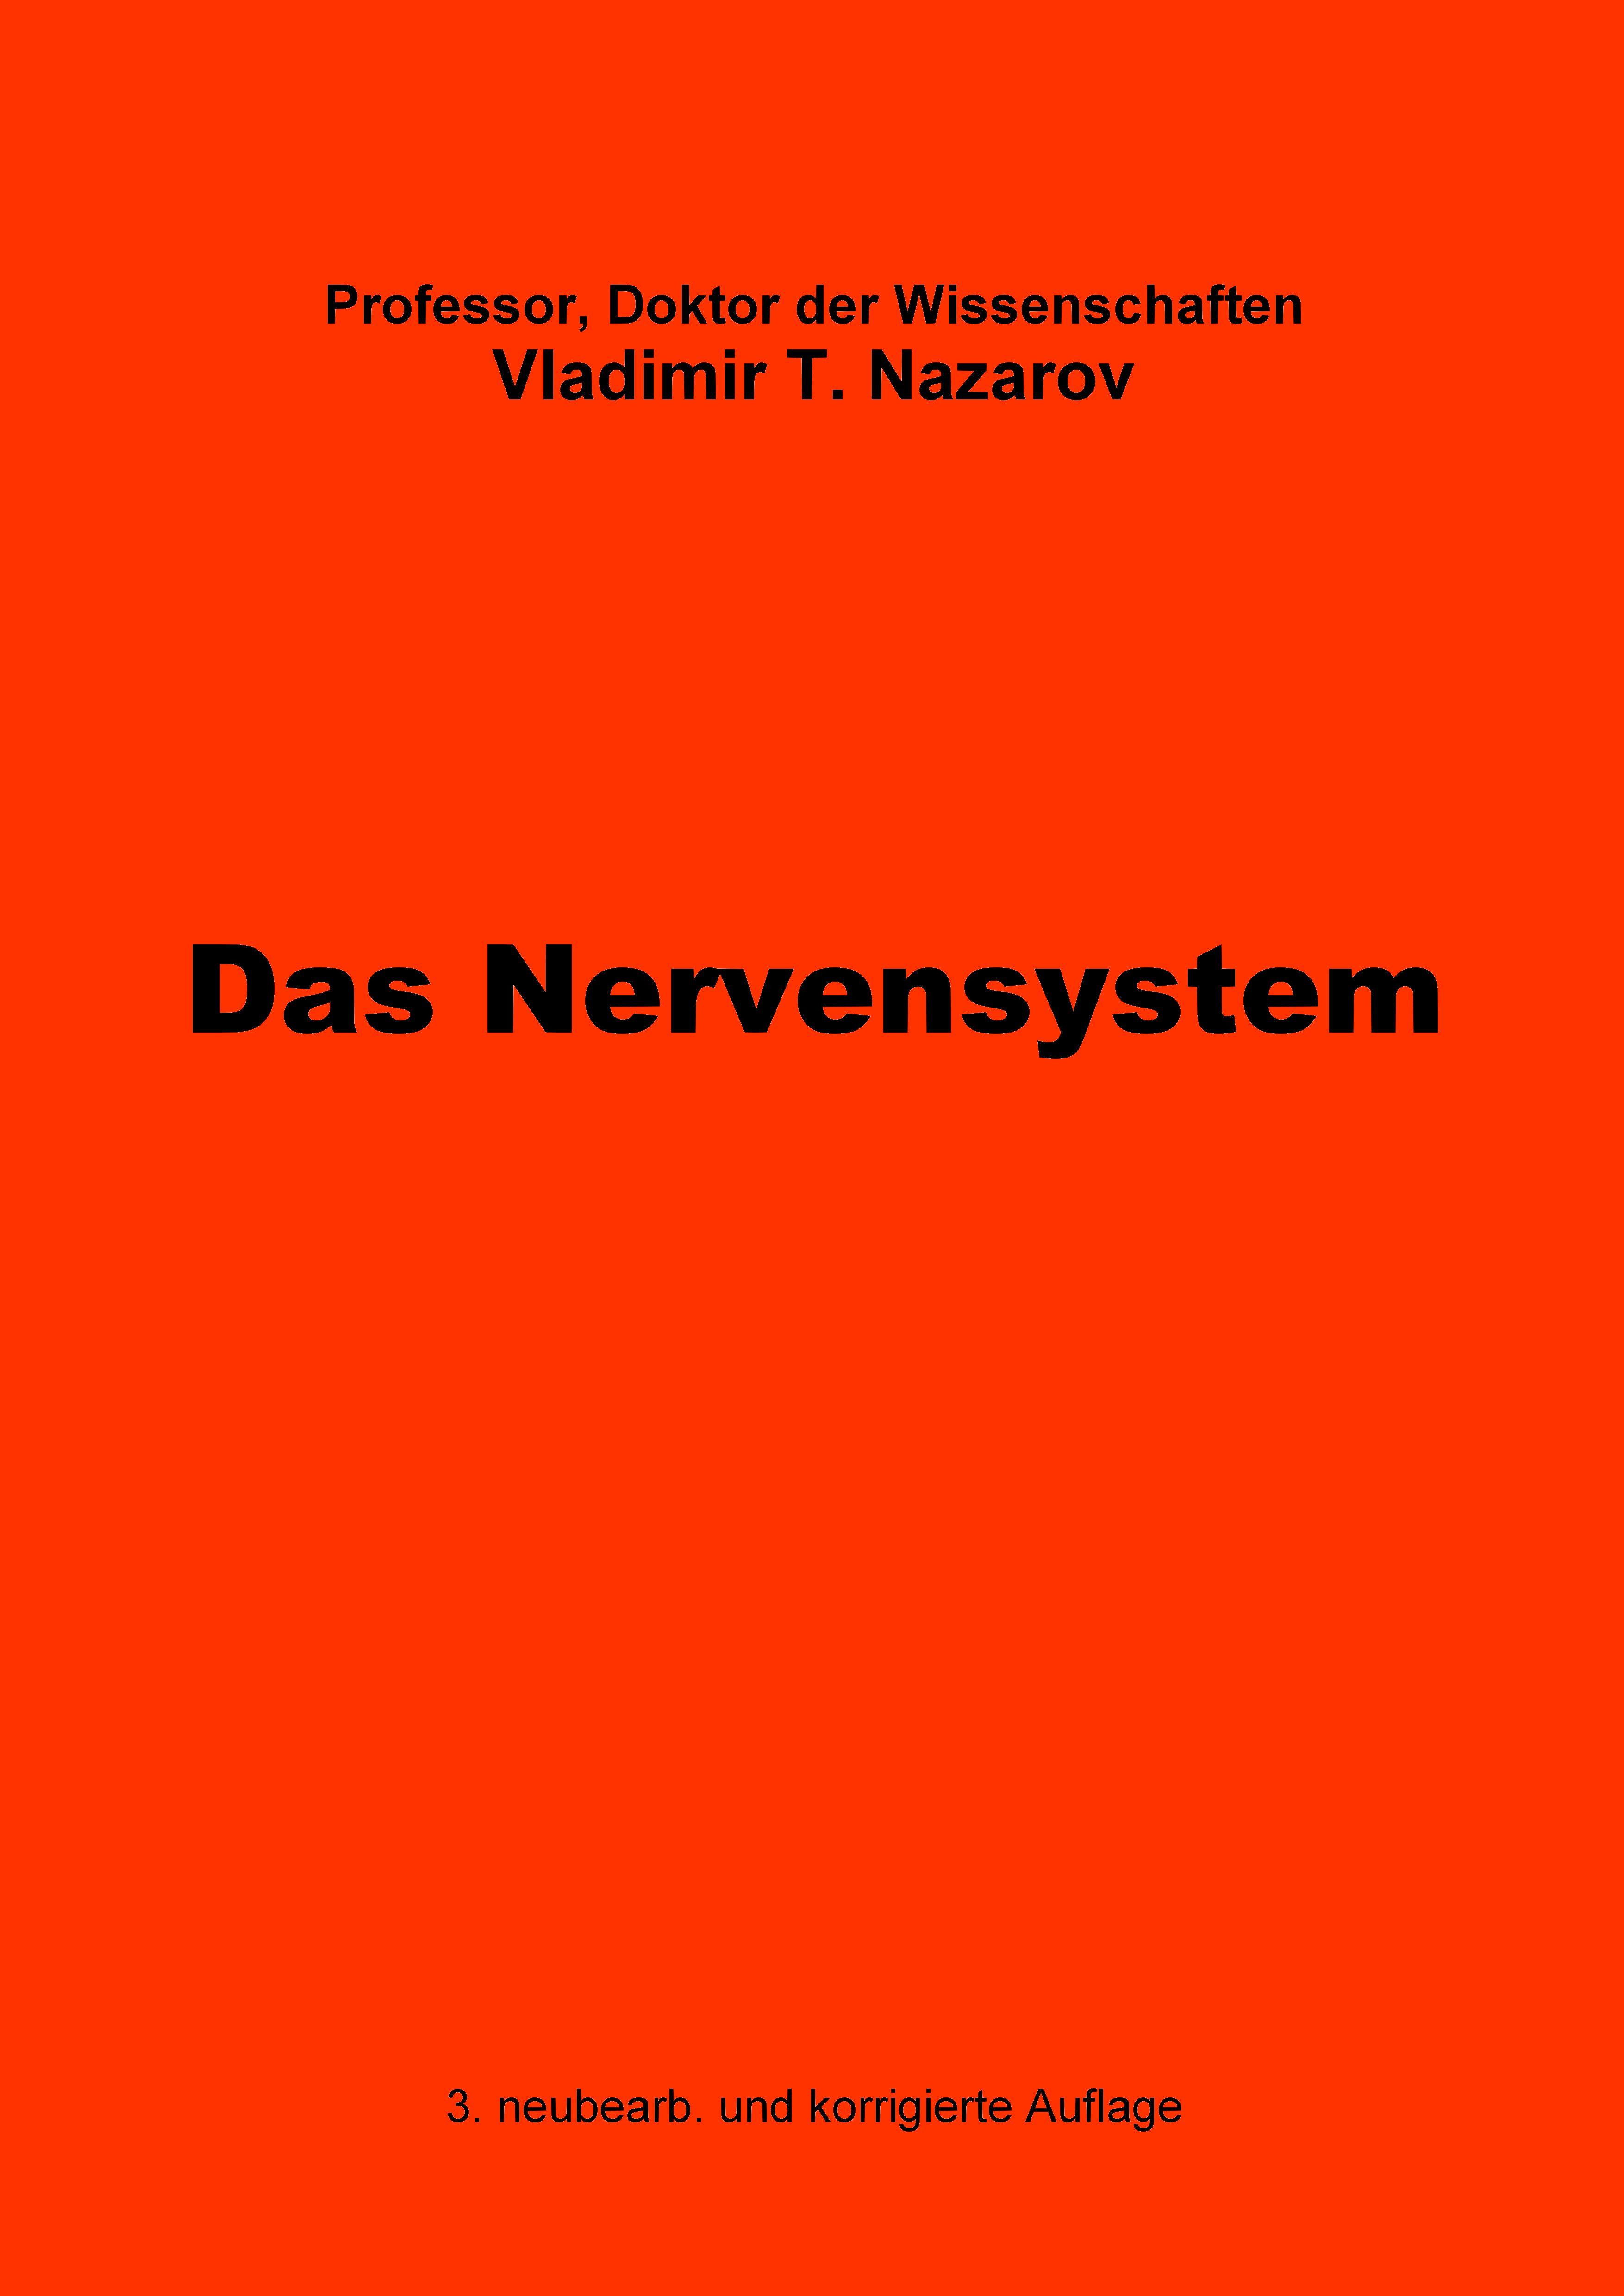 Neue Physiologie zur BMS / Das Nervensystem von Herrmann, Lutz-Thomas